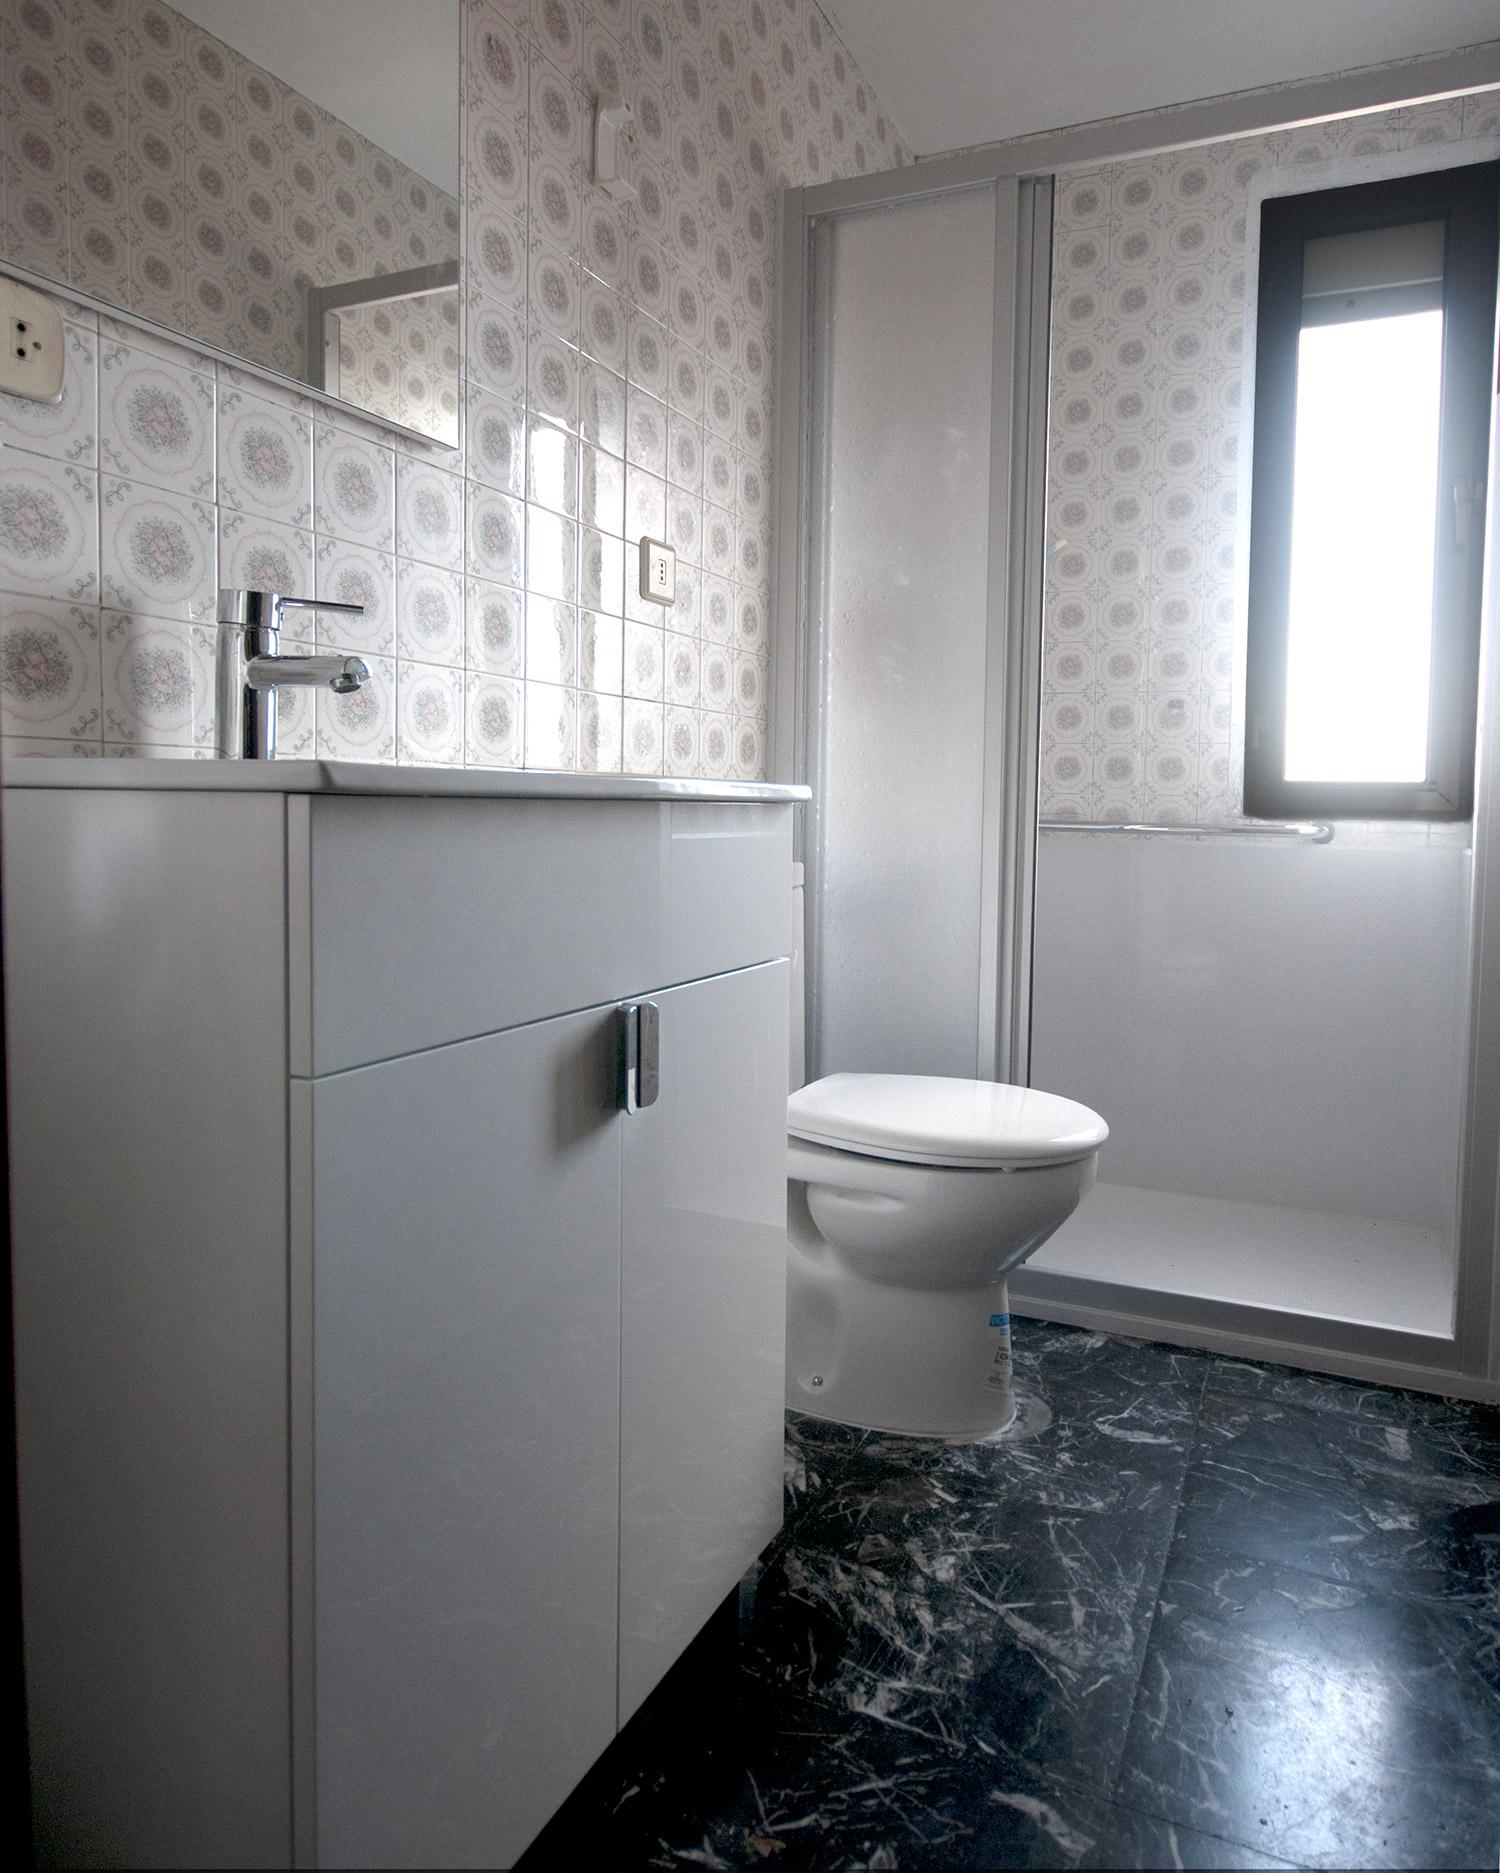 Antes y despu s de cambios de ba era por ducha duchaya - Convertir banera en ducha ...